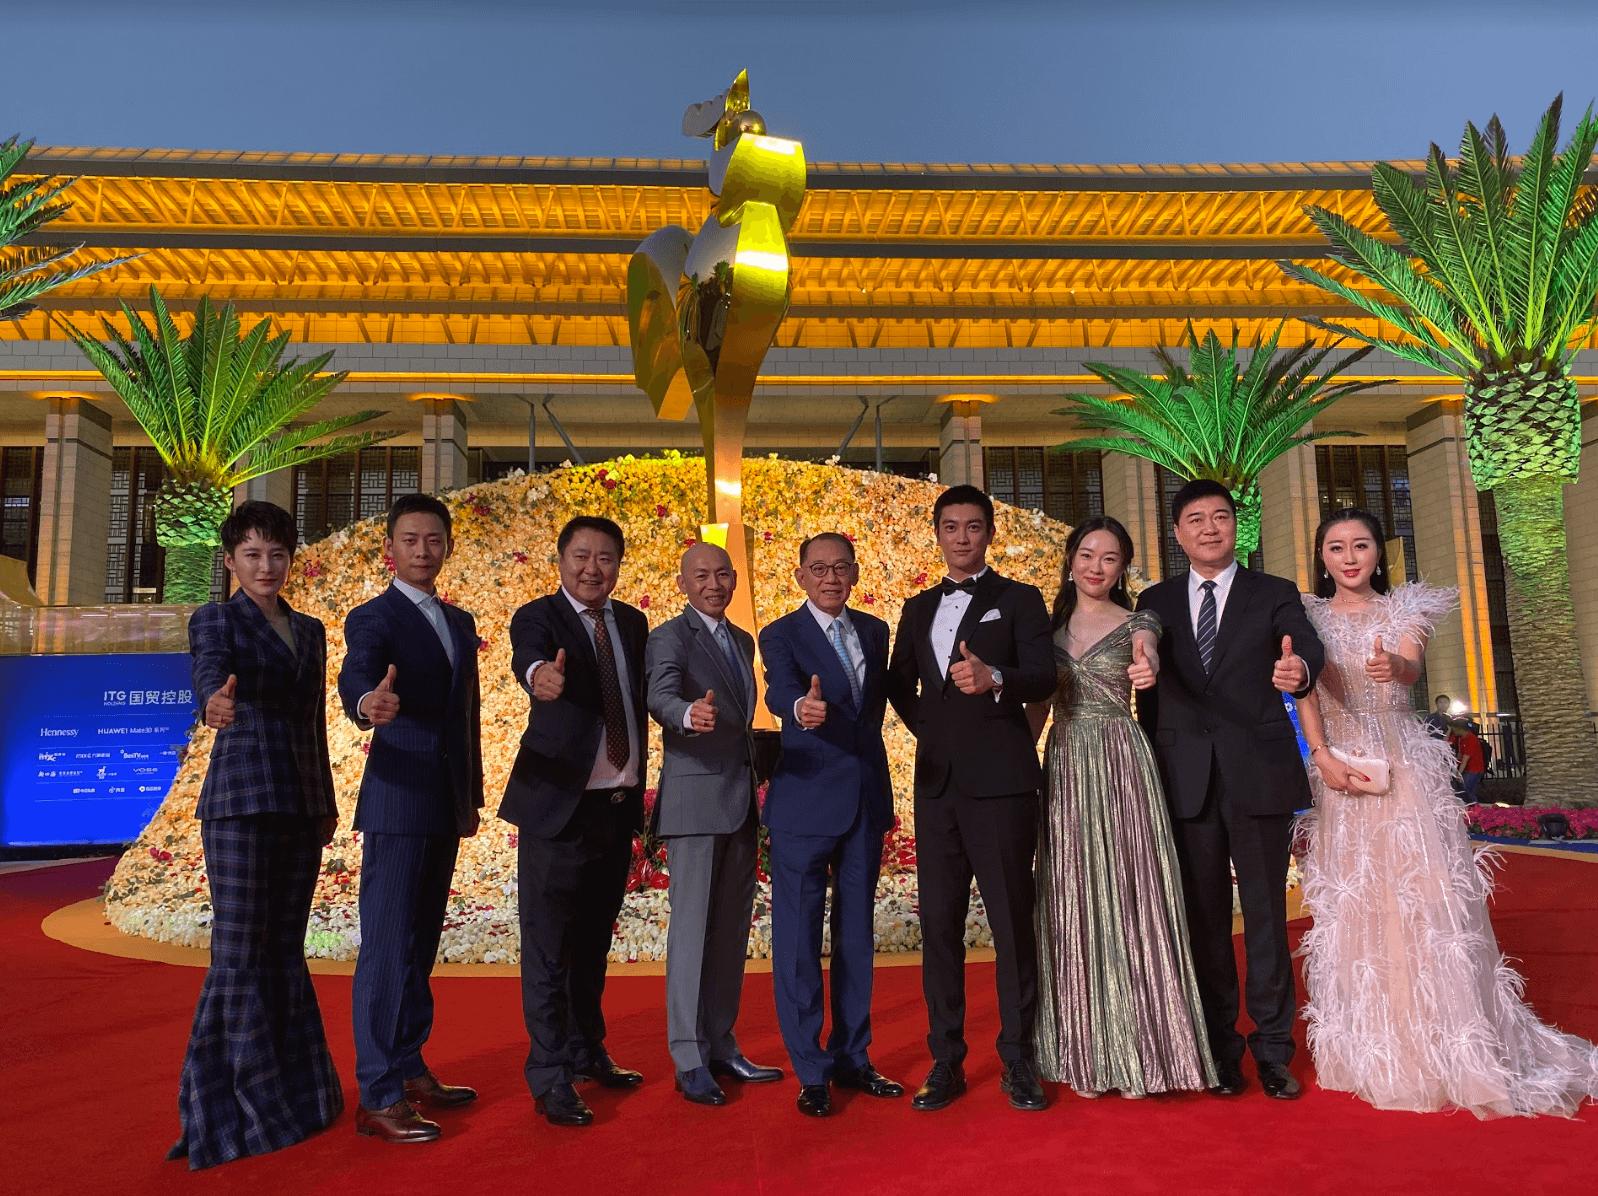 (左起)蔣璐霞、張譯、于冬、林超賢導演、楊受成博士、杜江、霍思燕等聚首金雞獎盛典